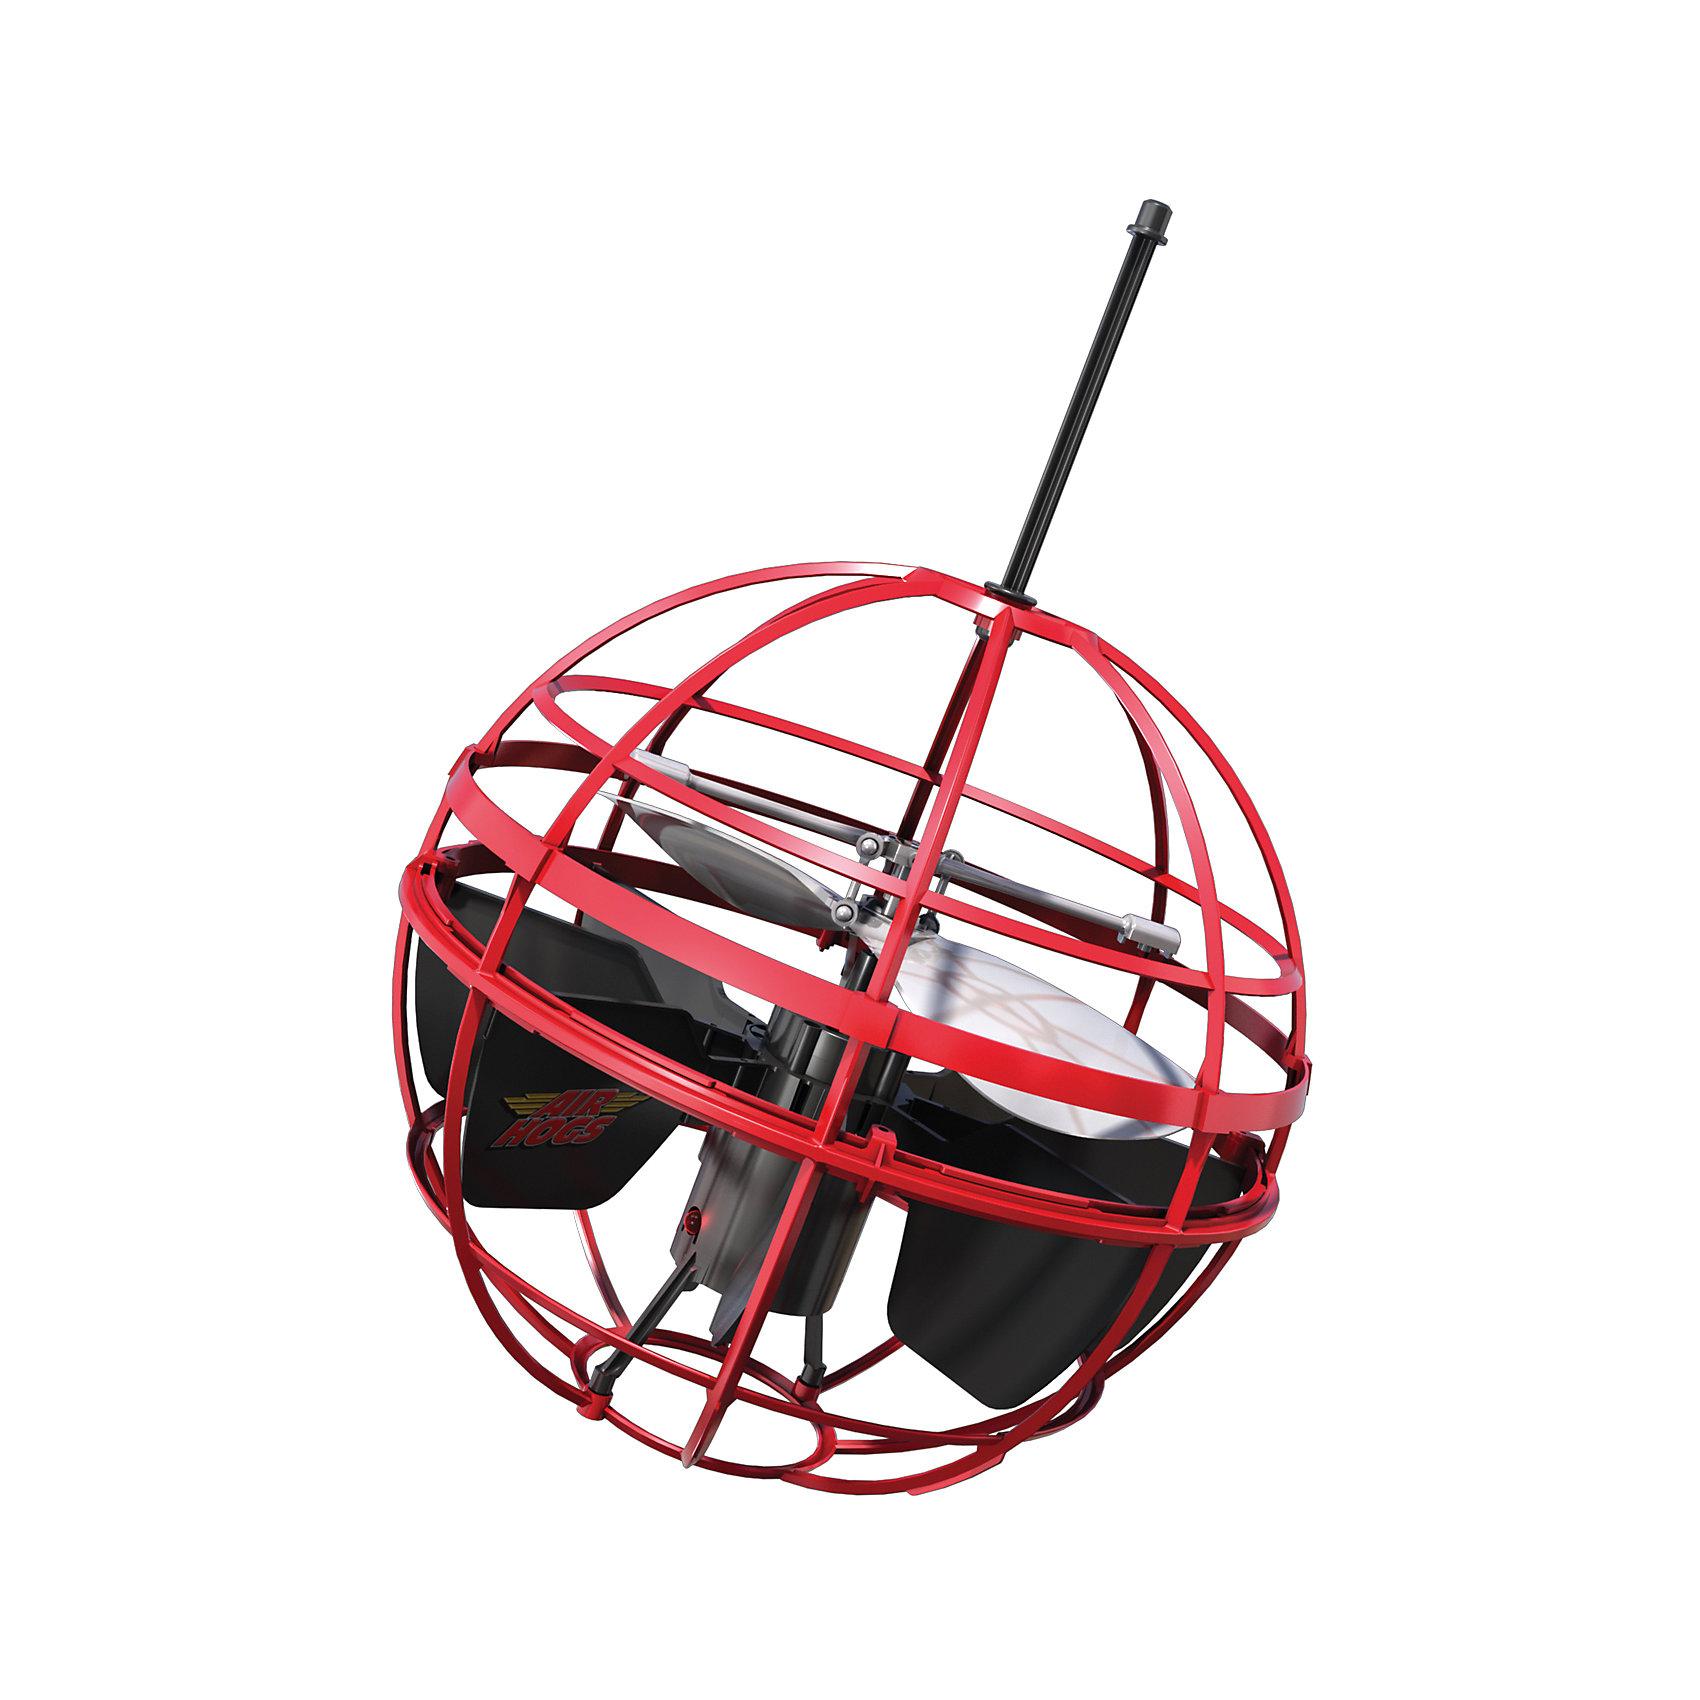 Spin Master Игрушка НЛО Летающий шар, AIR HOGS, 44475/20063615 игрушка spin master air hogs летающий сокол тысячелетия звездные войны от 8 лет 1 предмет 44528